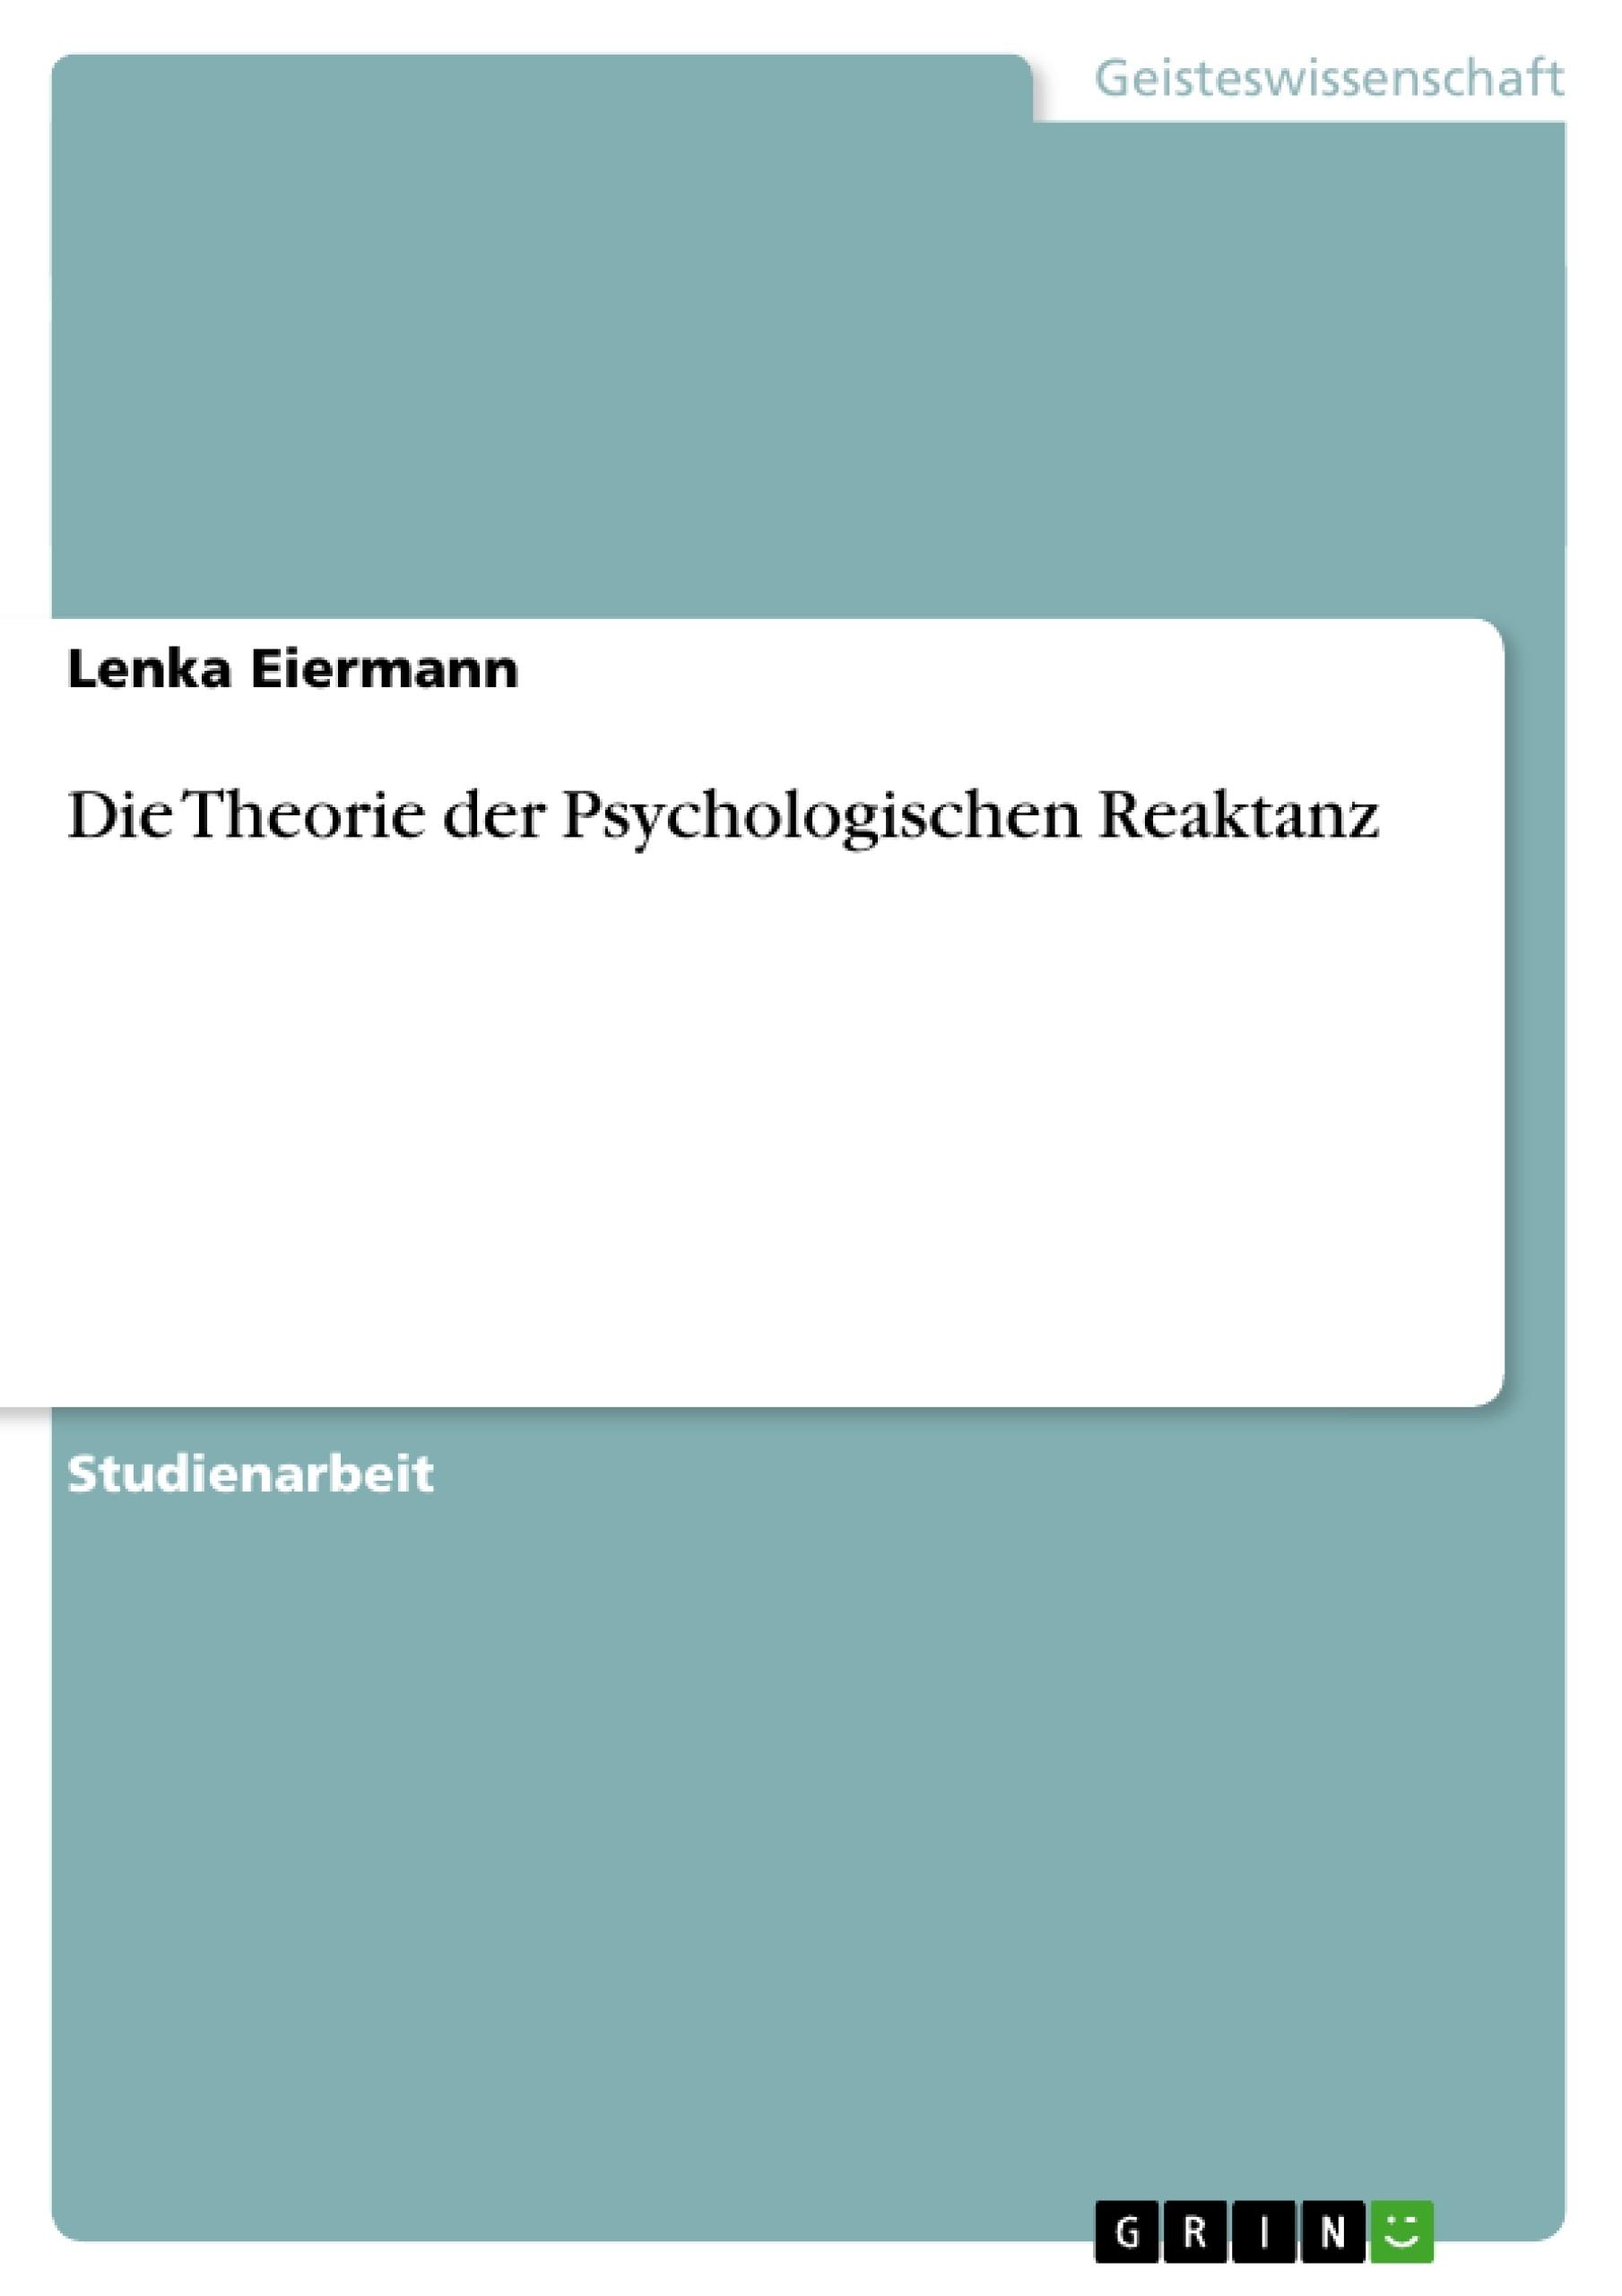 Titel: Die Theorie der Psychologischen Reaktanz